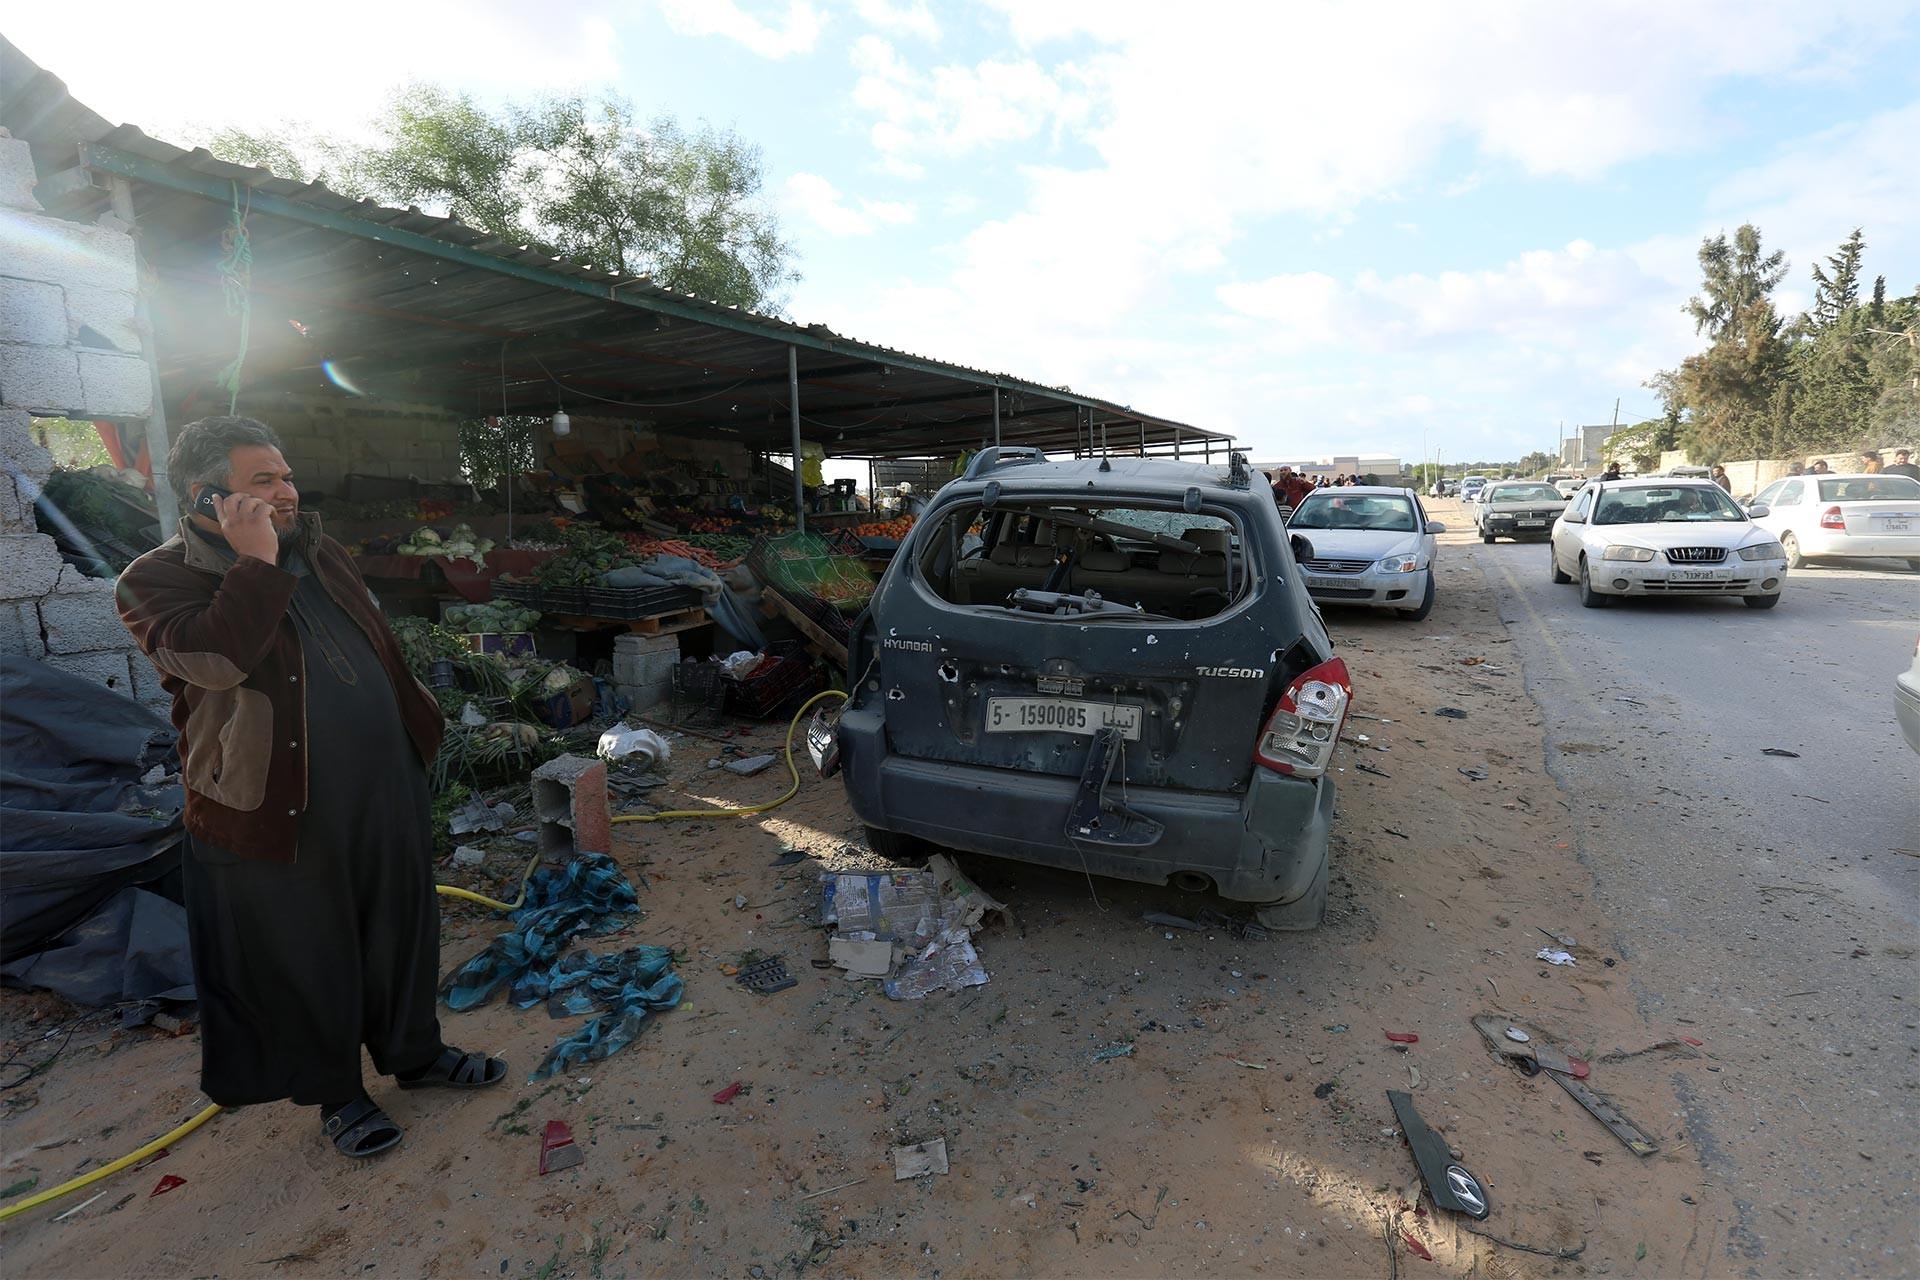 Libya'da Hafter güçlerinin bombaladığı alandaki araba enkazı